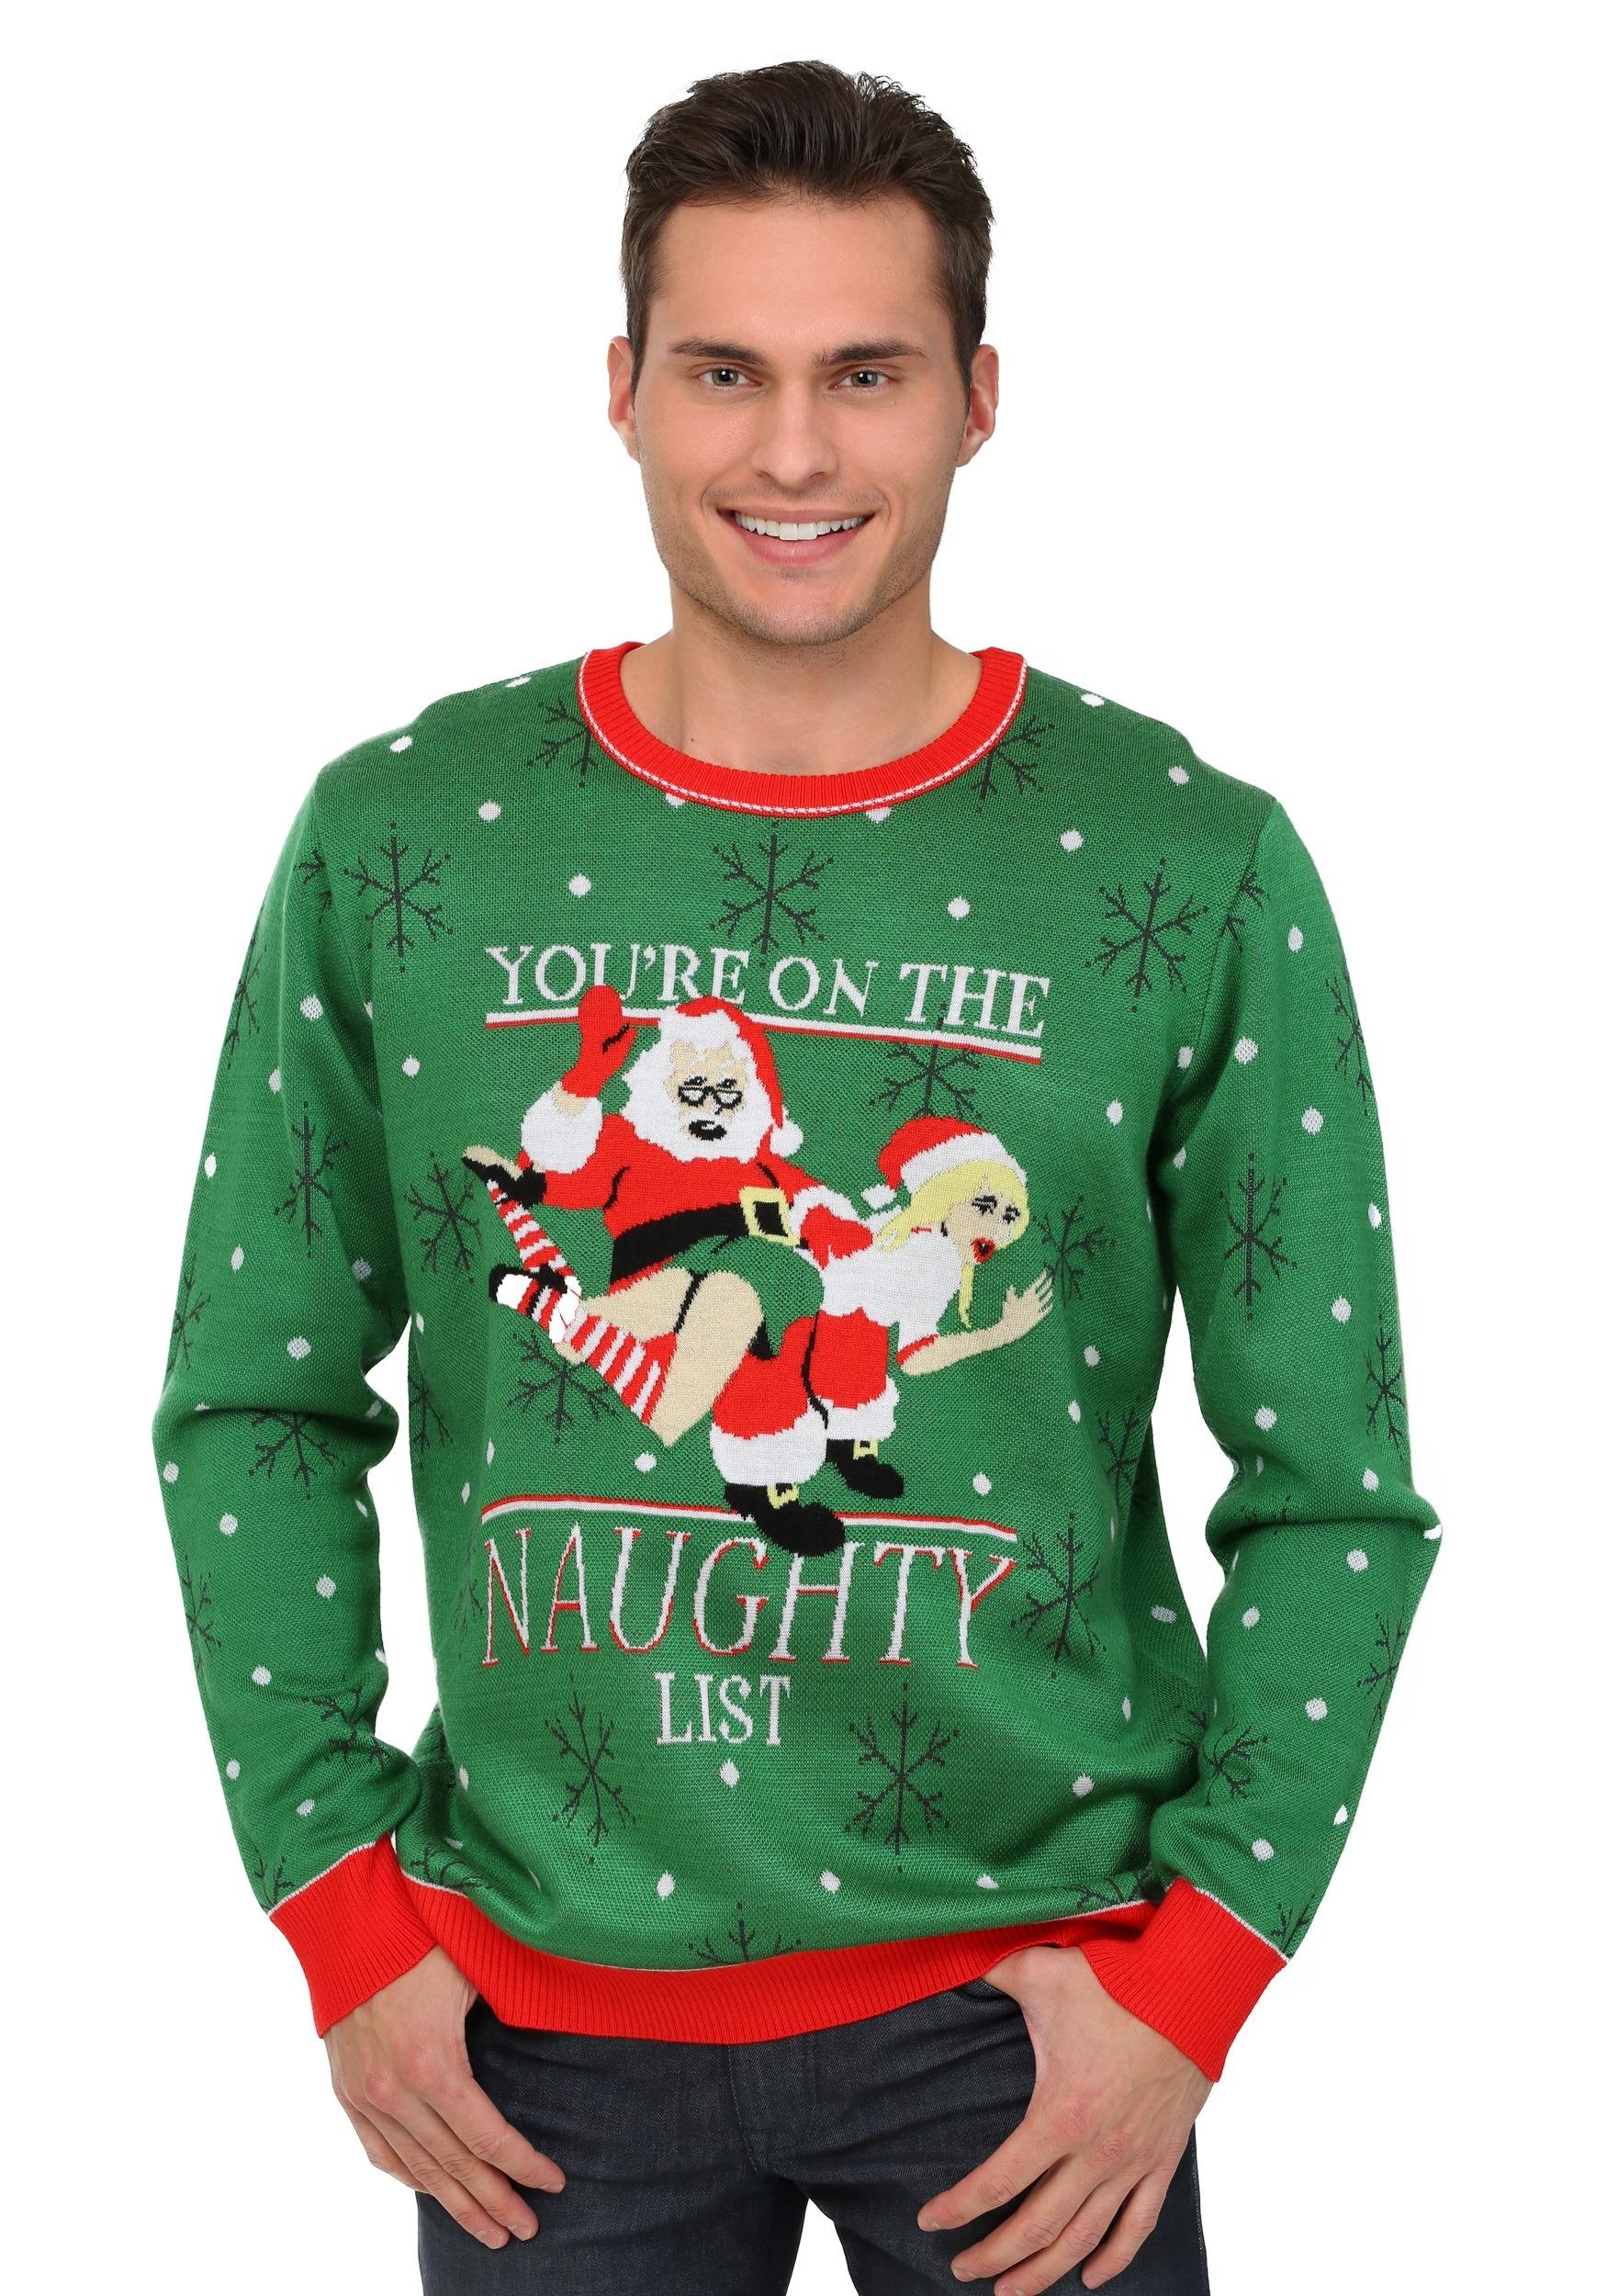 Naughty List Ugly Christmas Sweater